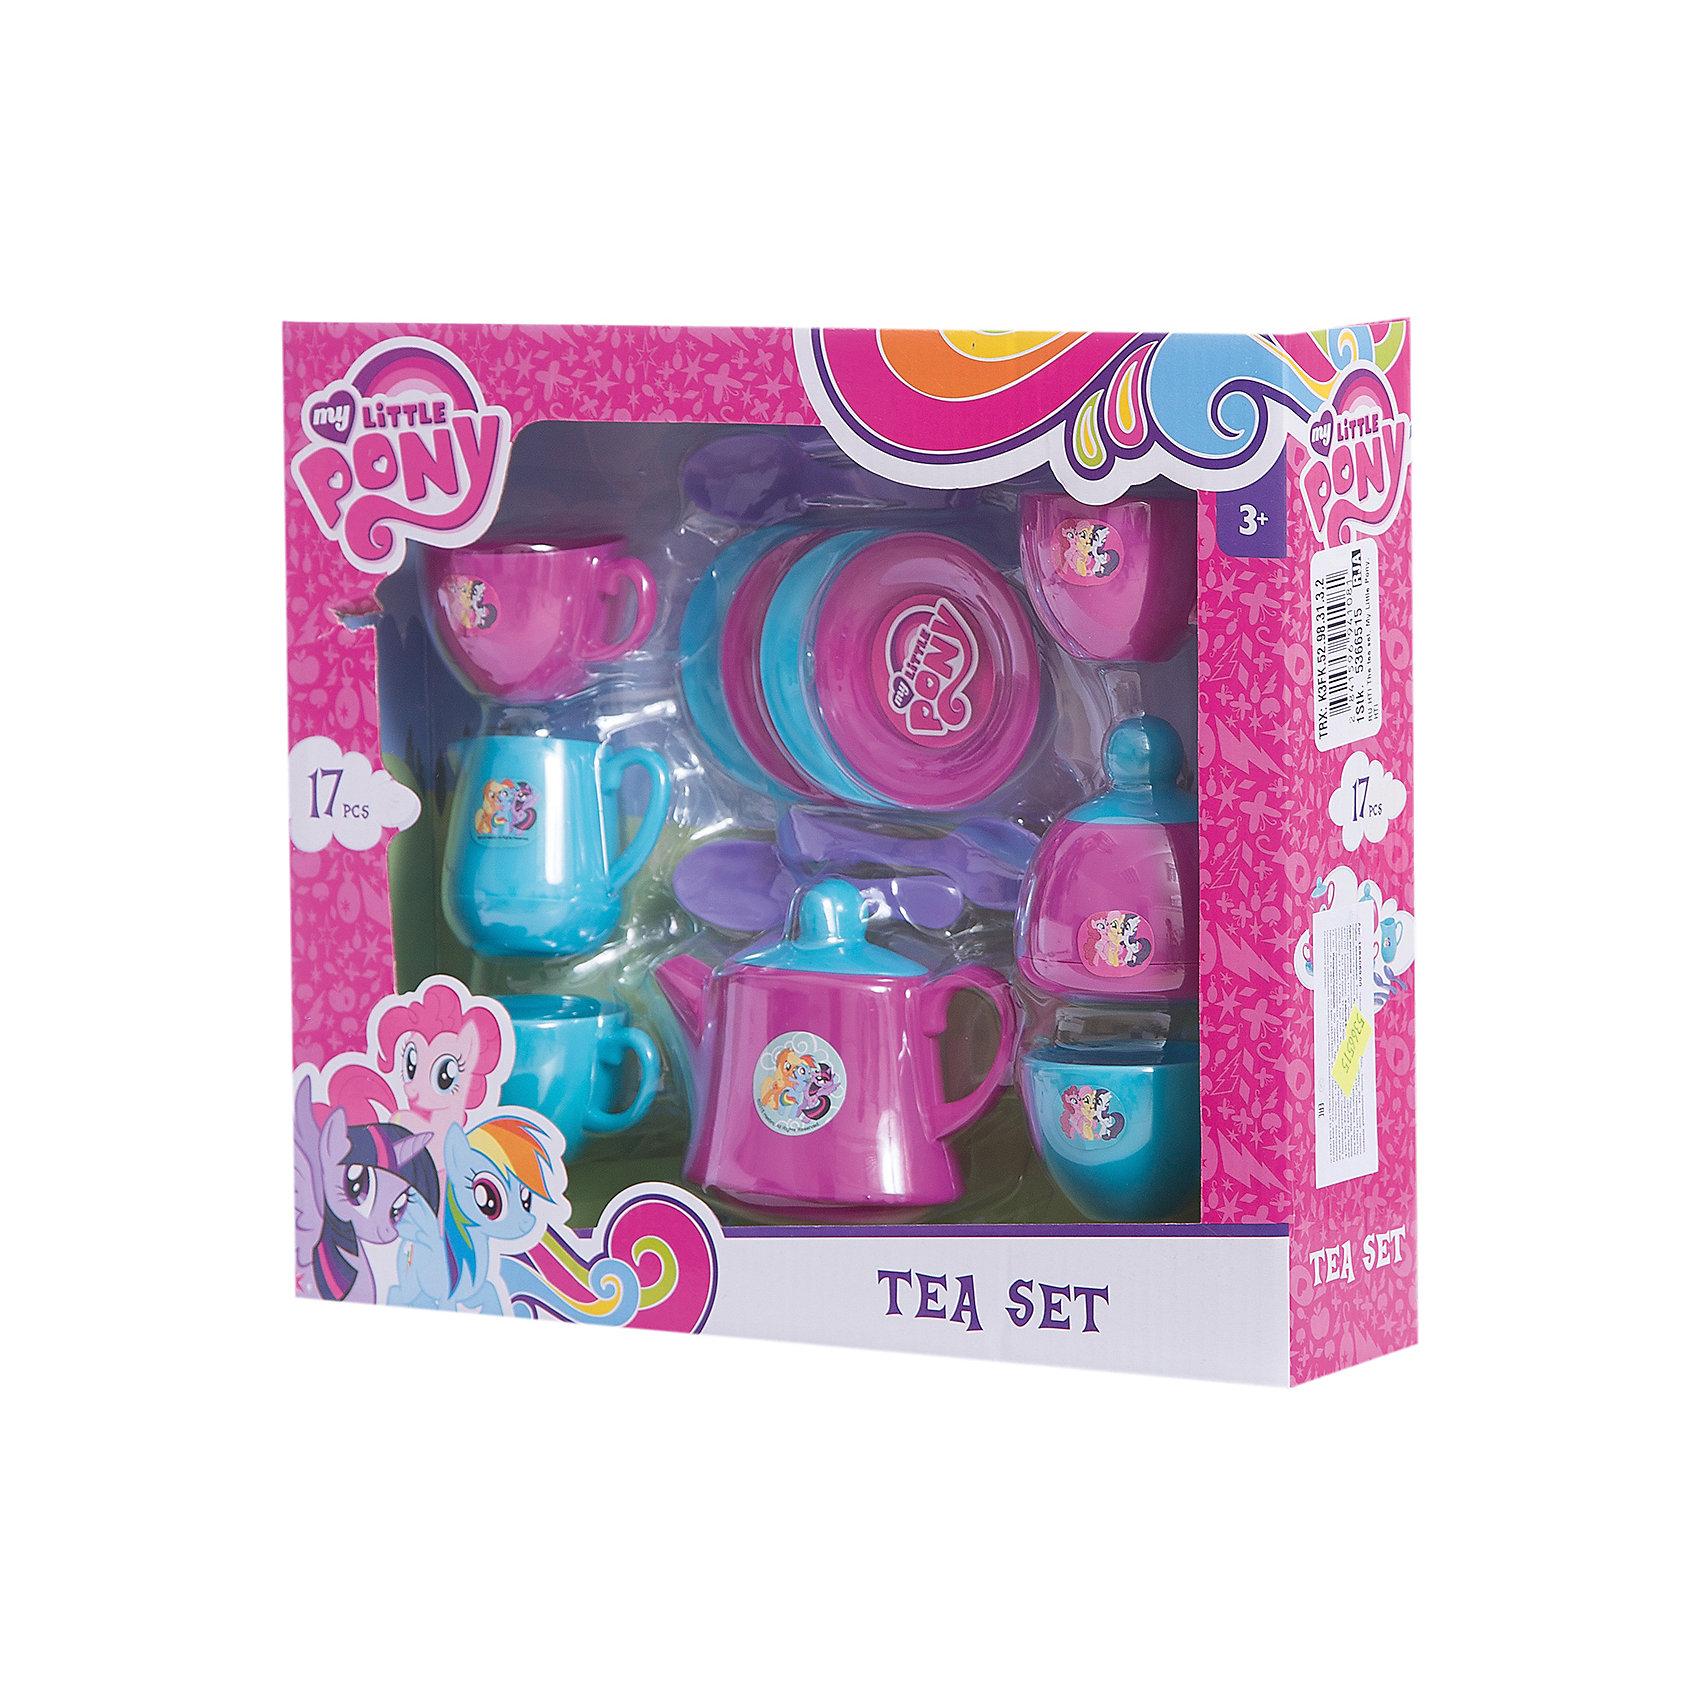 Чайный набор  My Little Pony, HTIПосуда и аксессуары для детской кухни<br>Чайный набор My Little Pony (Май литл Пони), HTI. <br><br>Характеристика: <br><br>• Материал: пластик. <br>• Размер: 7х26,5х30,5 см. <br>• Комплектация: 17 предметов - 4 блюдца, 4 ложки, чайник с крышкой, 4 чашки, молочник, сахарница.<br>• Яркий привлекательный дизайн. <br>• Чайник оформлен изображениями My Little Pony. <br><br>Красивая посудка - то что нужно любой маленькой хозяйке! Оригинальный чайный сервиз, оформленный изображениями My Little Pony (Моя маленькая Пони) понравится любой девочке. Все детали набора выполнены из высококачественного гипоаллергенного пластика безопасного для детей. <br><br>Чайный набор My Little Pony (Май литл Пони), HTI, можно купить в нашем интернет-магазине.<br><br>Ширина мм: 265<br>Глубина мм: 307<br>Высота мм: 70<br>Вес г: 370<br>Возраст от месяцев: 36<br>Возраст до месяцев: 168<br>Пол: Женский<br>Возраст: Детский<br>SKU: 5366515